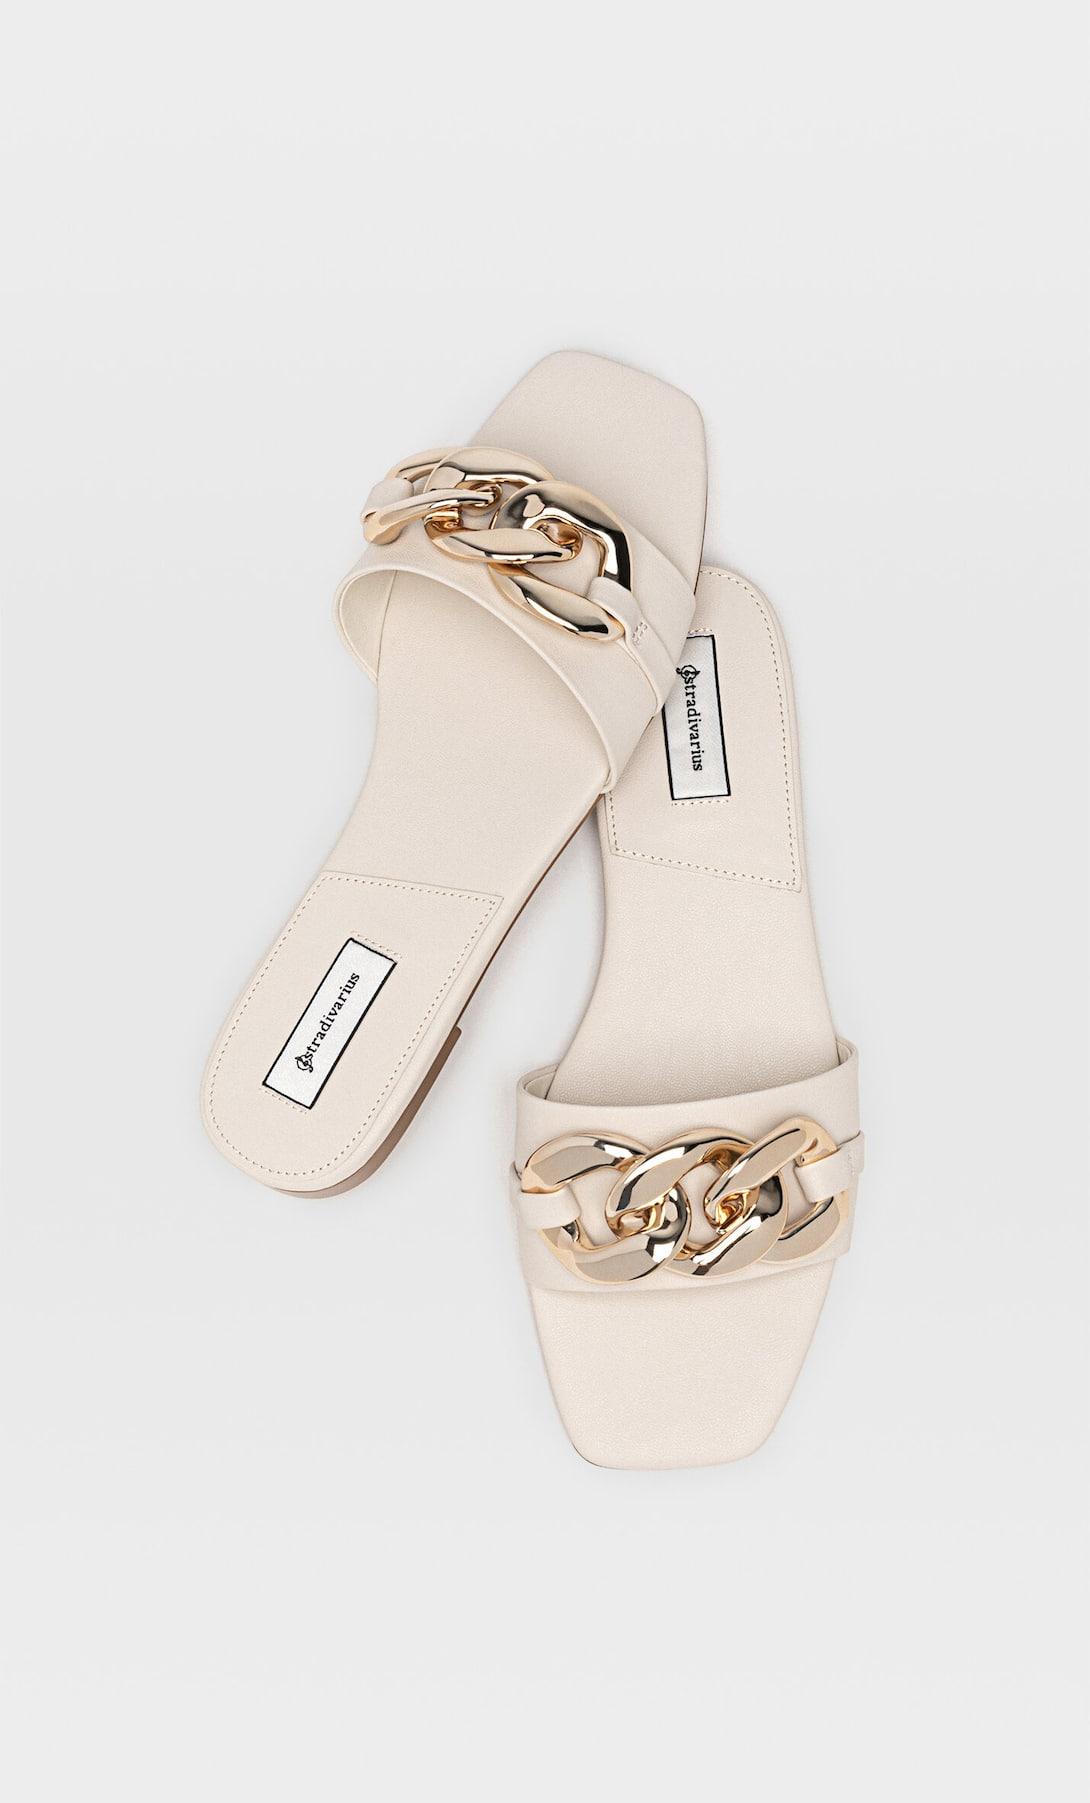 Estas son las sandalias planas de Stradivarius inspiradas en Gucci